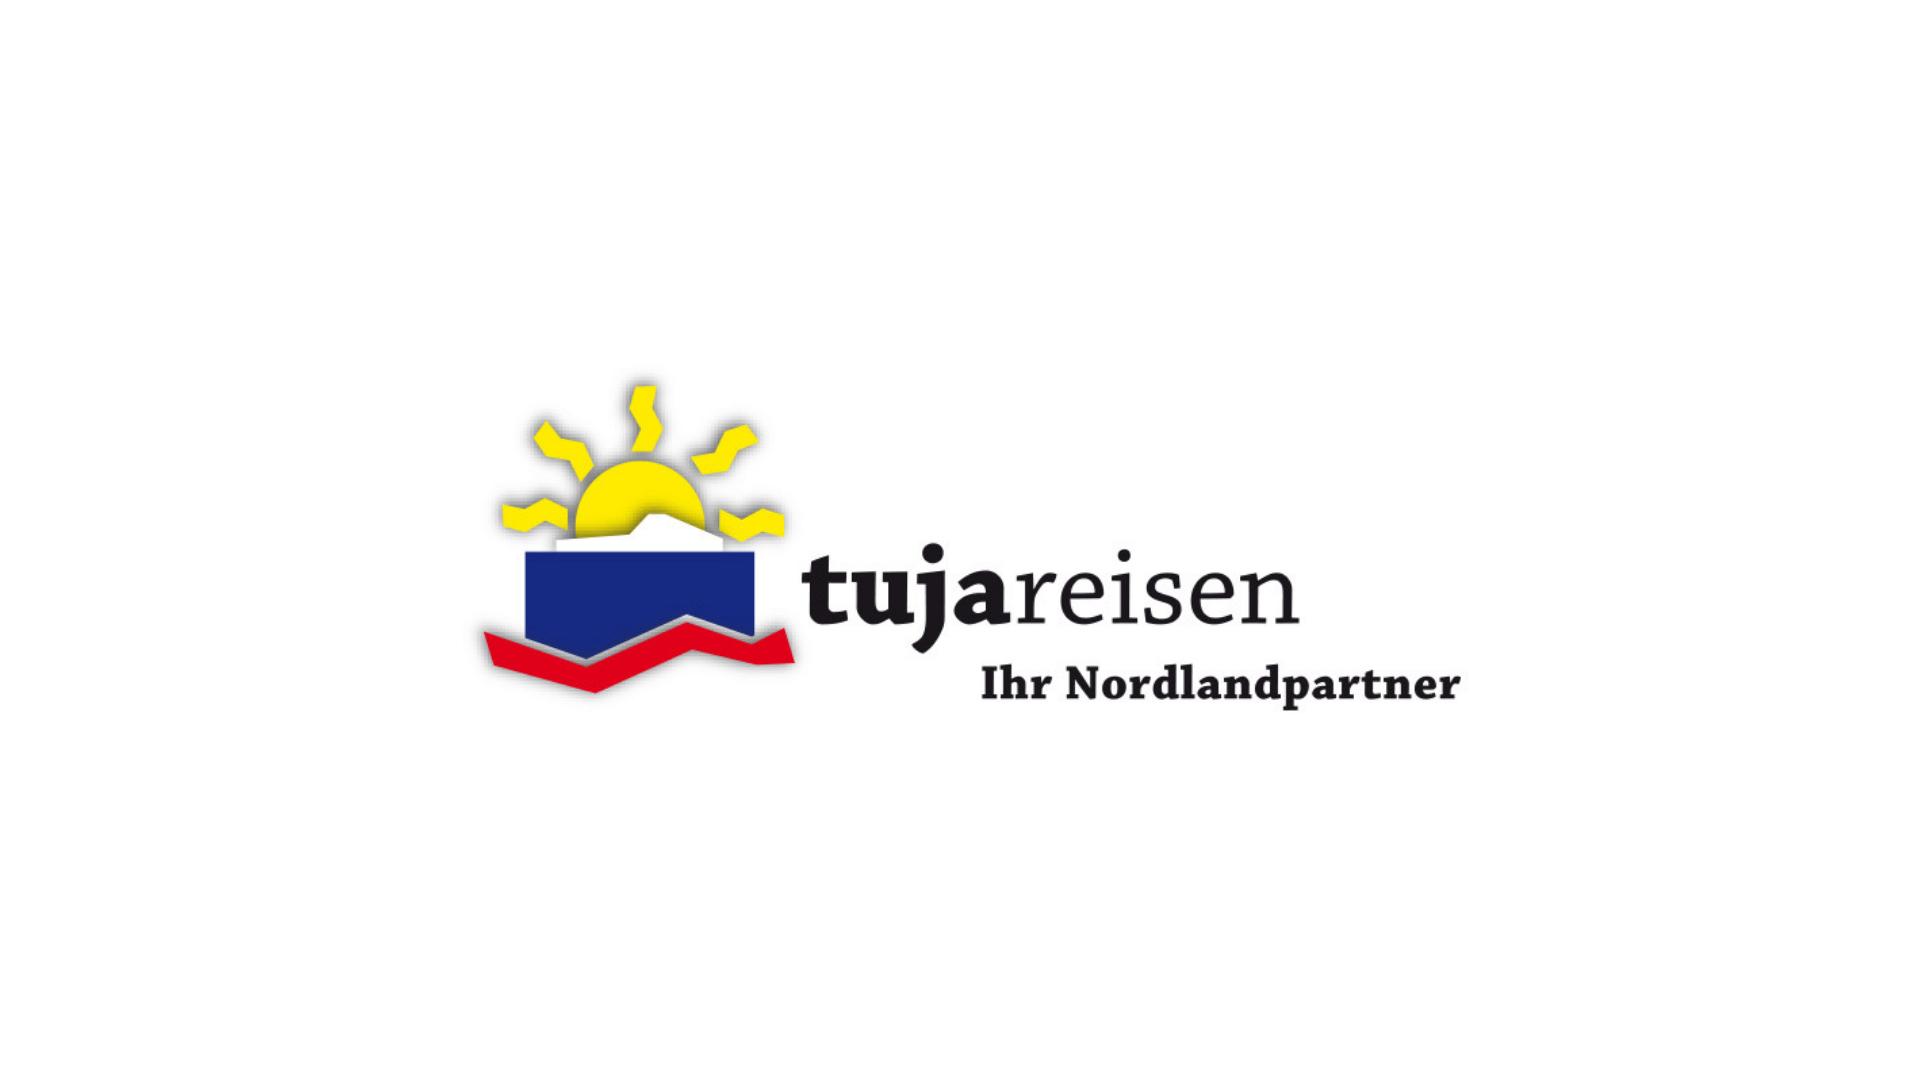 tuja-reisen-logo